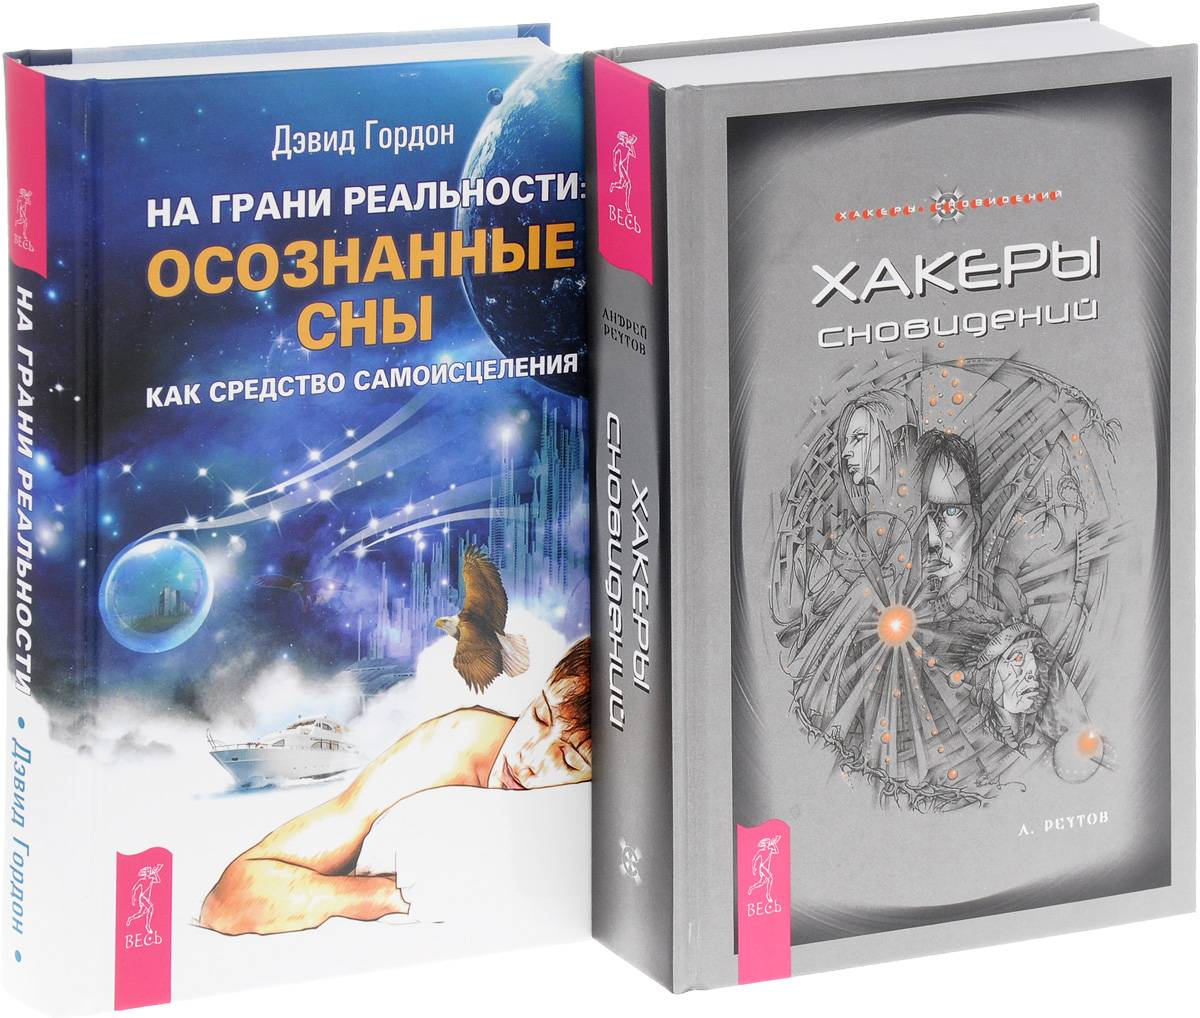 Чем занимаются хакеры сновидений и как к ним присоединится | zdavnews.ru